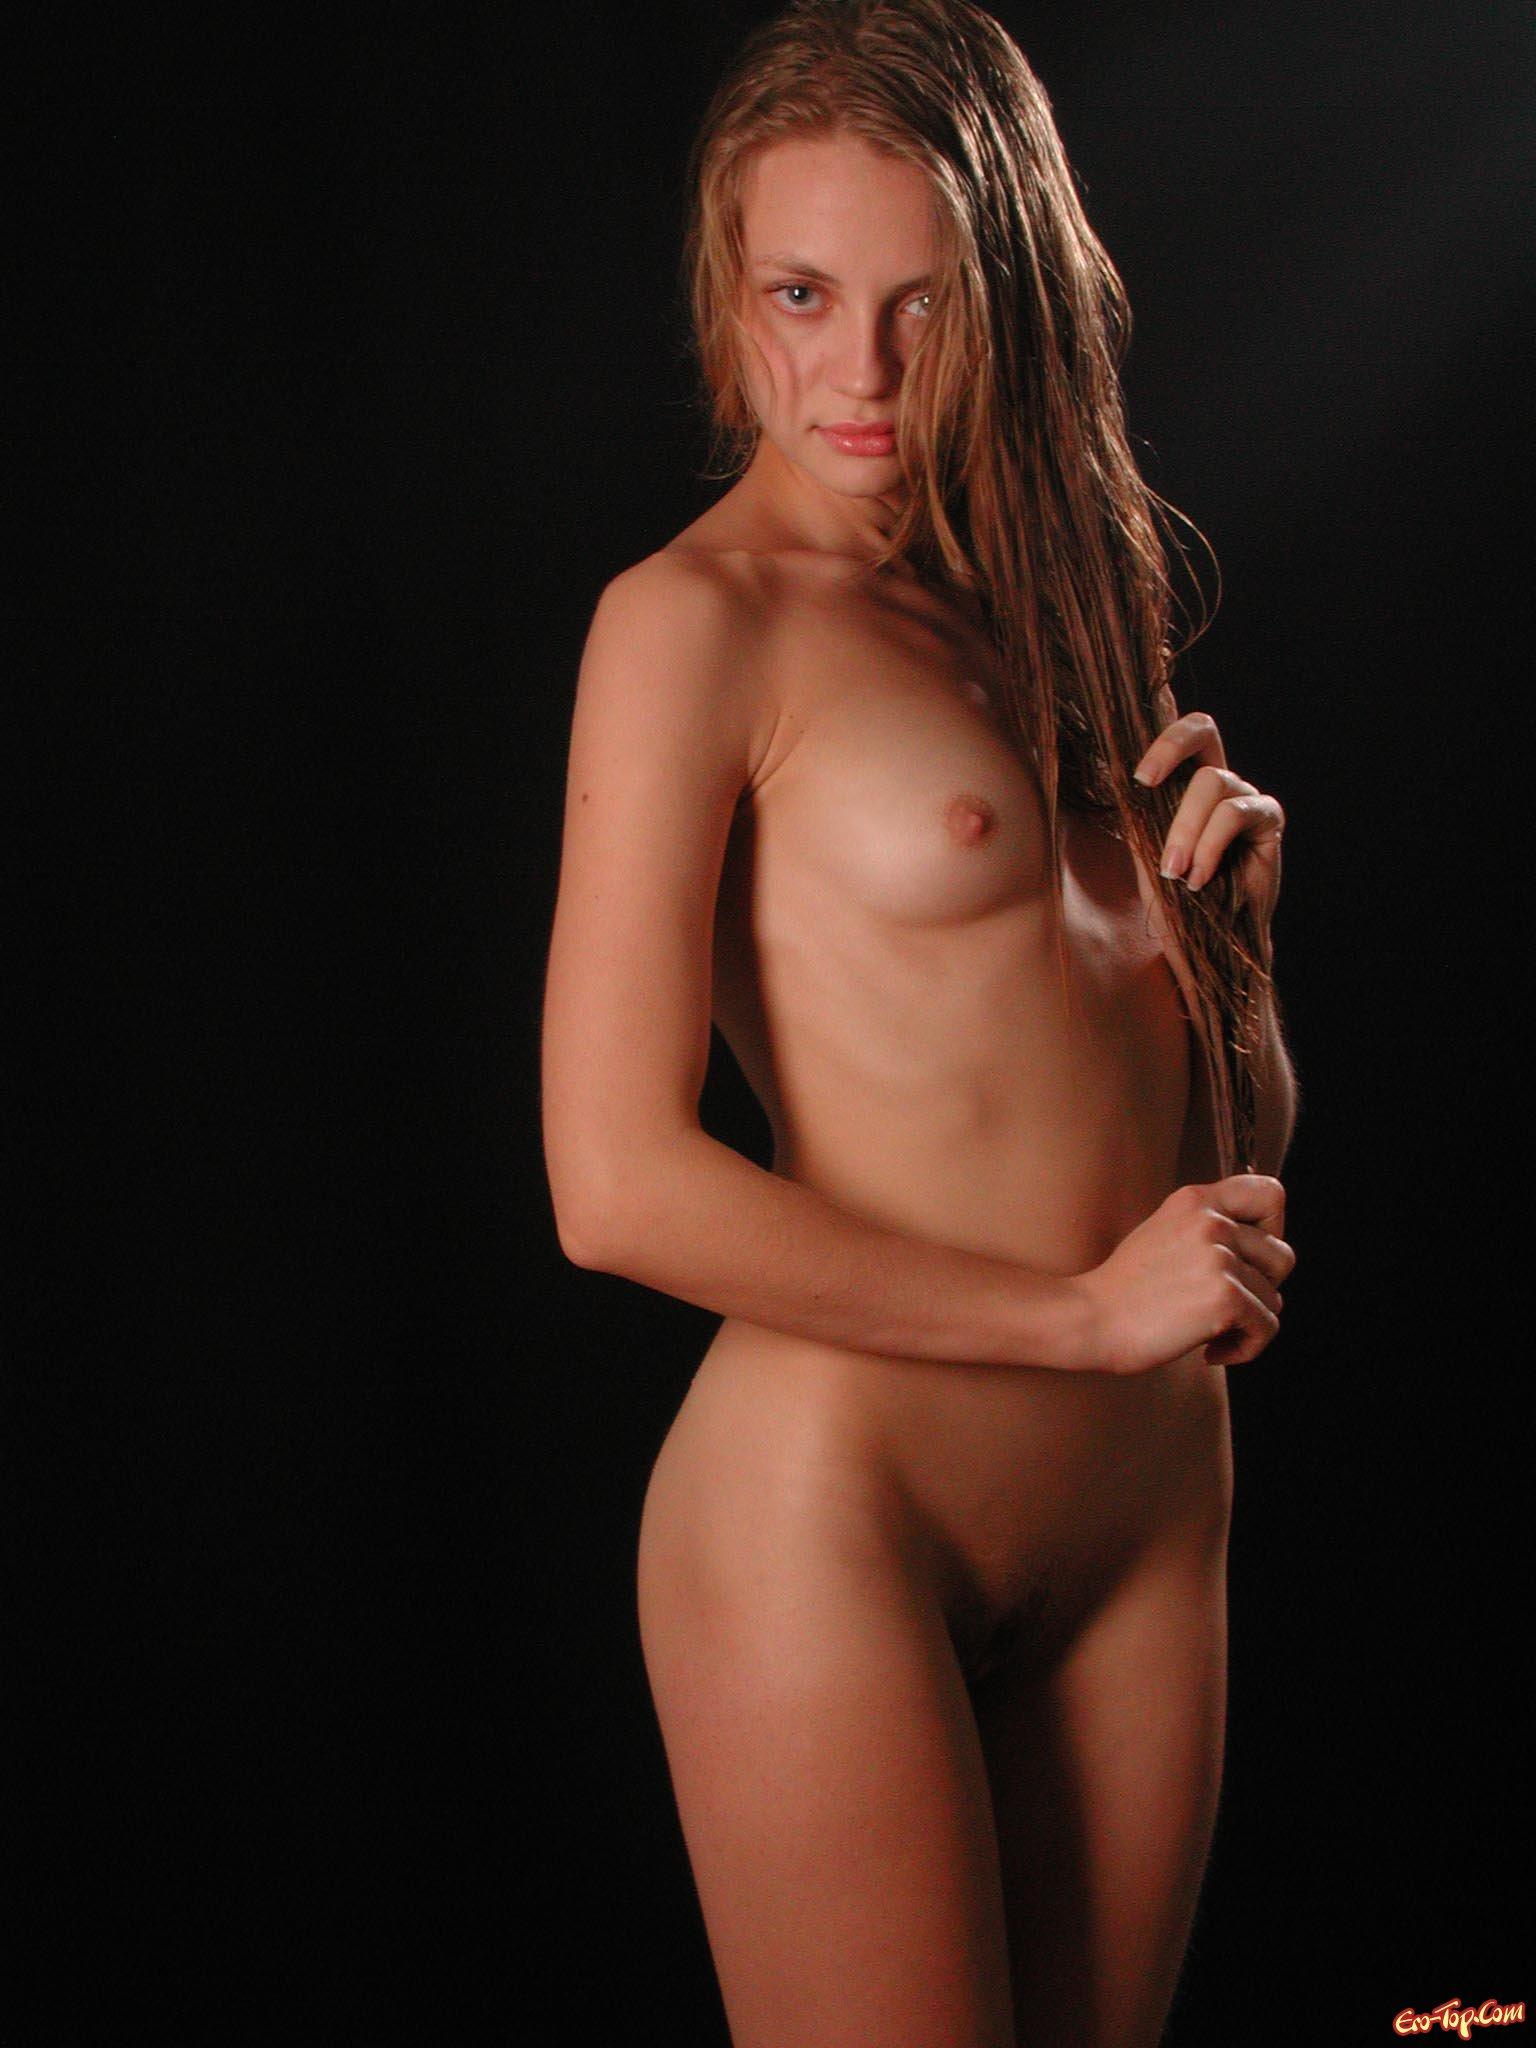 Голенькие сиси молоденькой секс фото